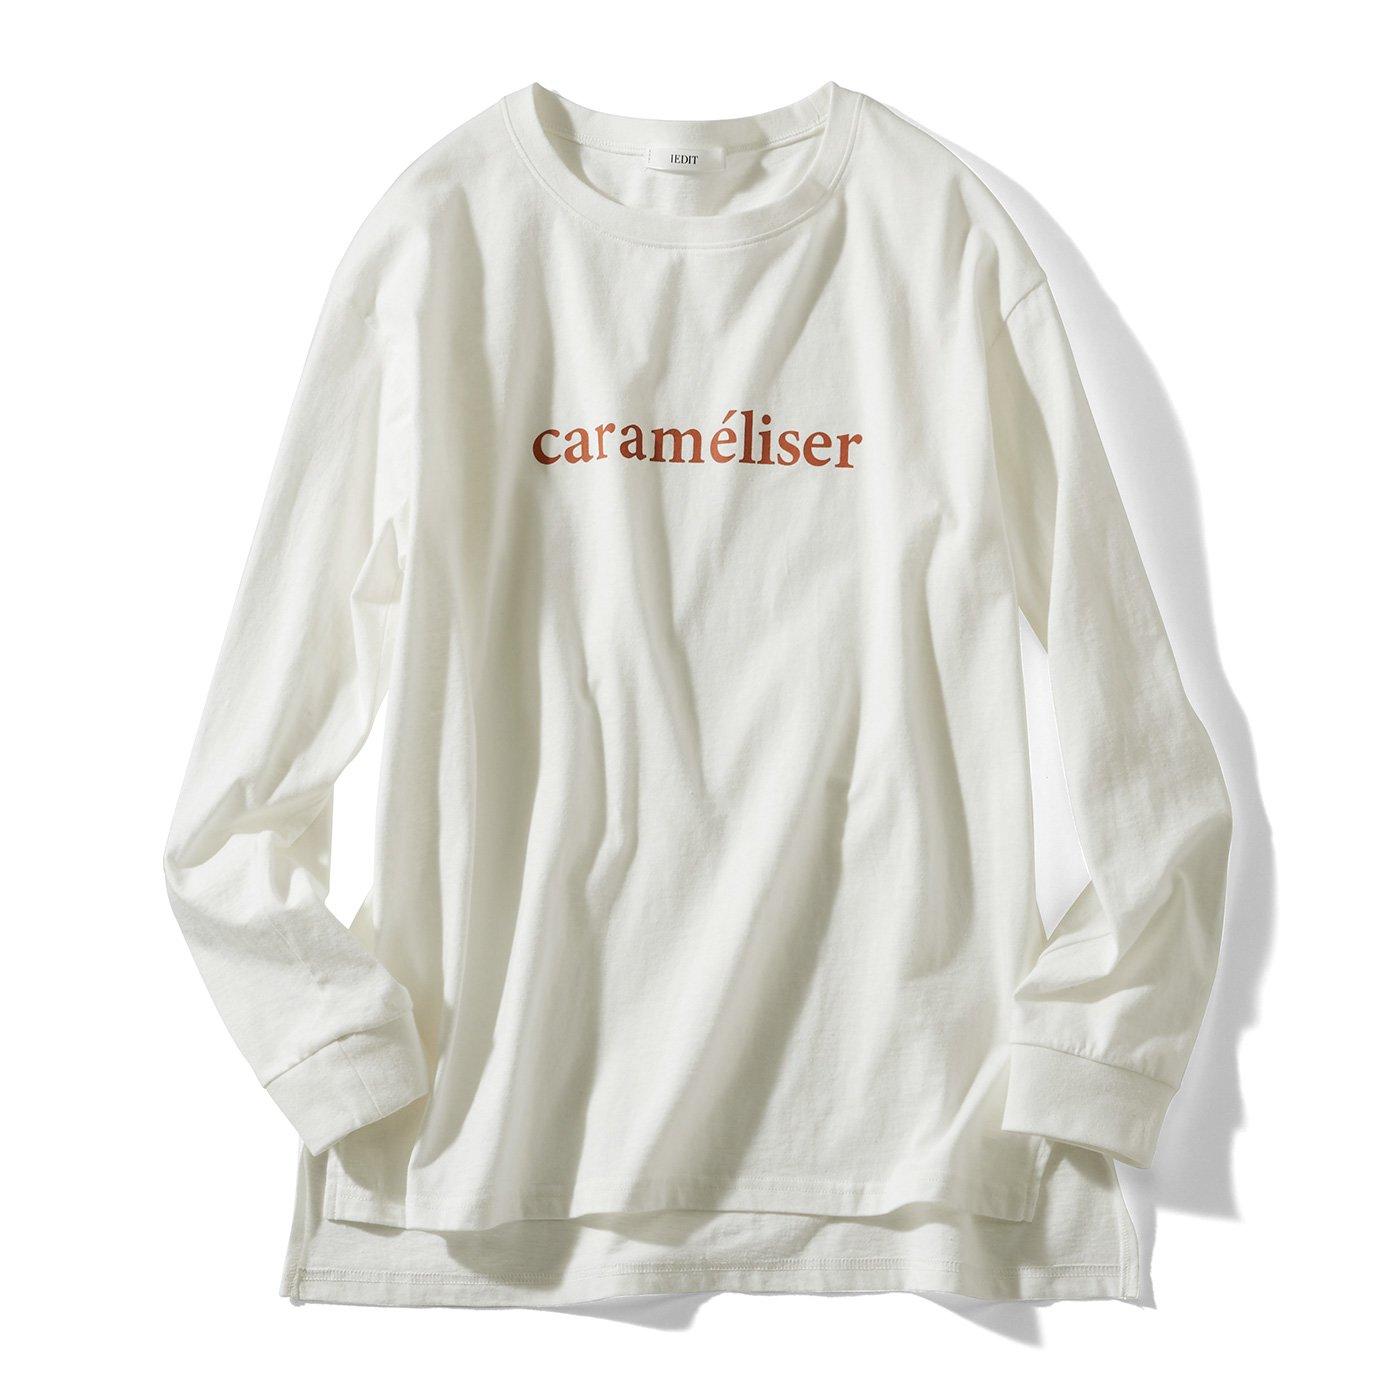 【3~10日でお届け】牧野紗弥さん×IEDIT[イディット] 気軽におそろいを楽しめる 吸汗速乾加工のリサイクルコットンロゴTシャツ〈ホワイト〉